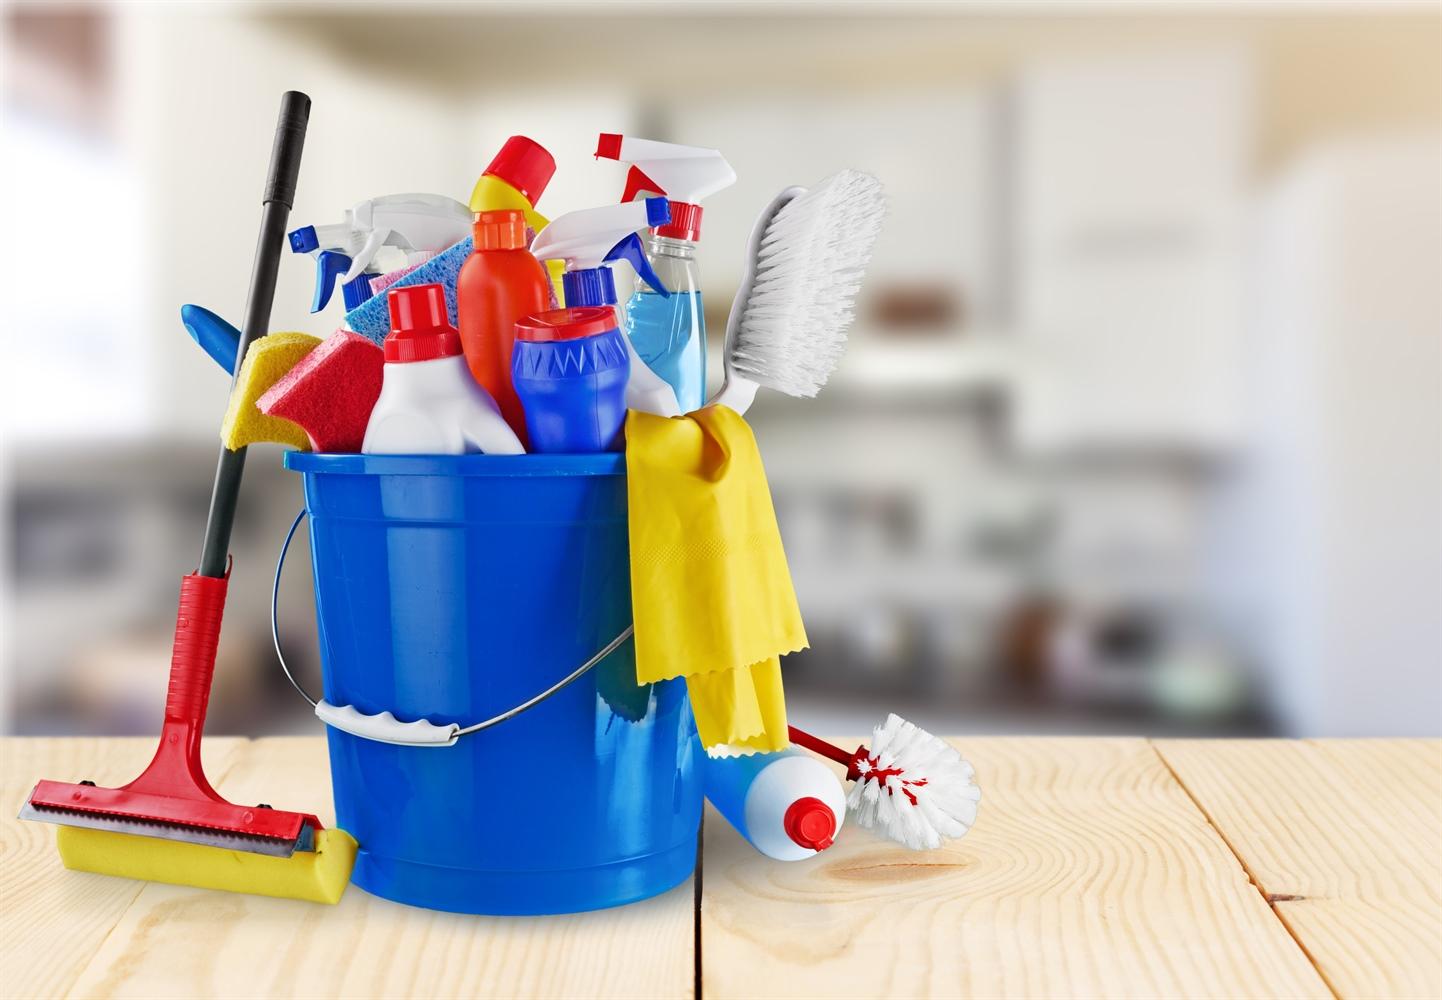 بالصور تنظيف المطبخ , احلي صور لنظافة مطبخك 5211 8